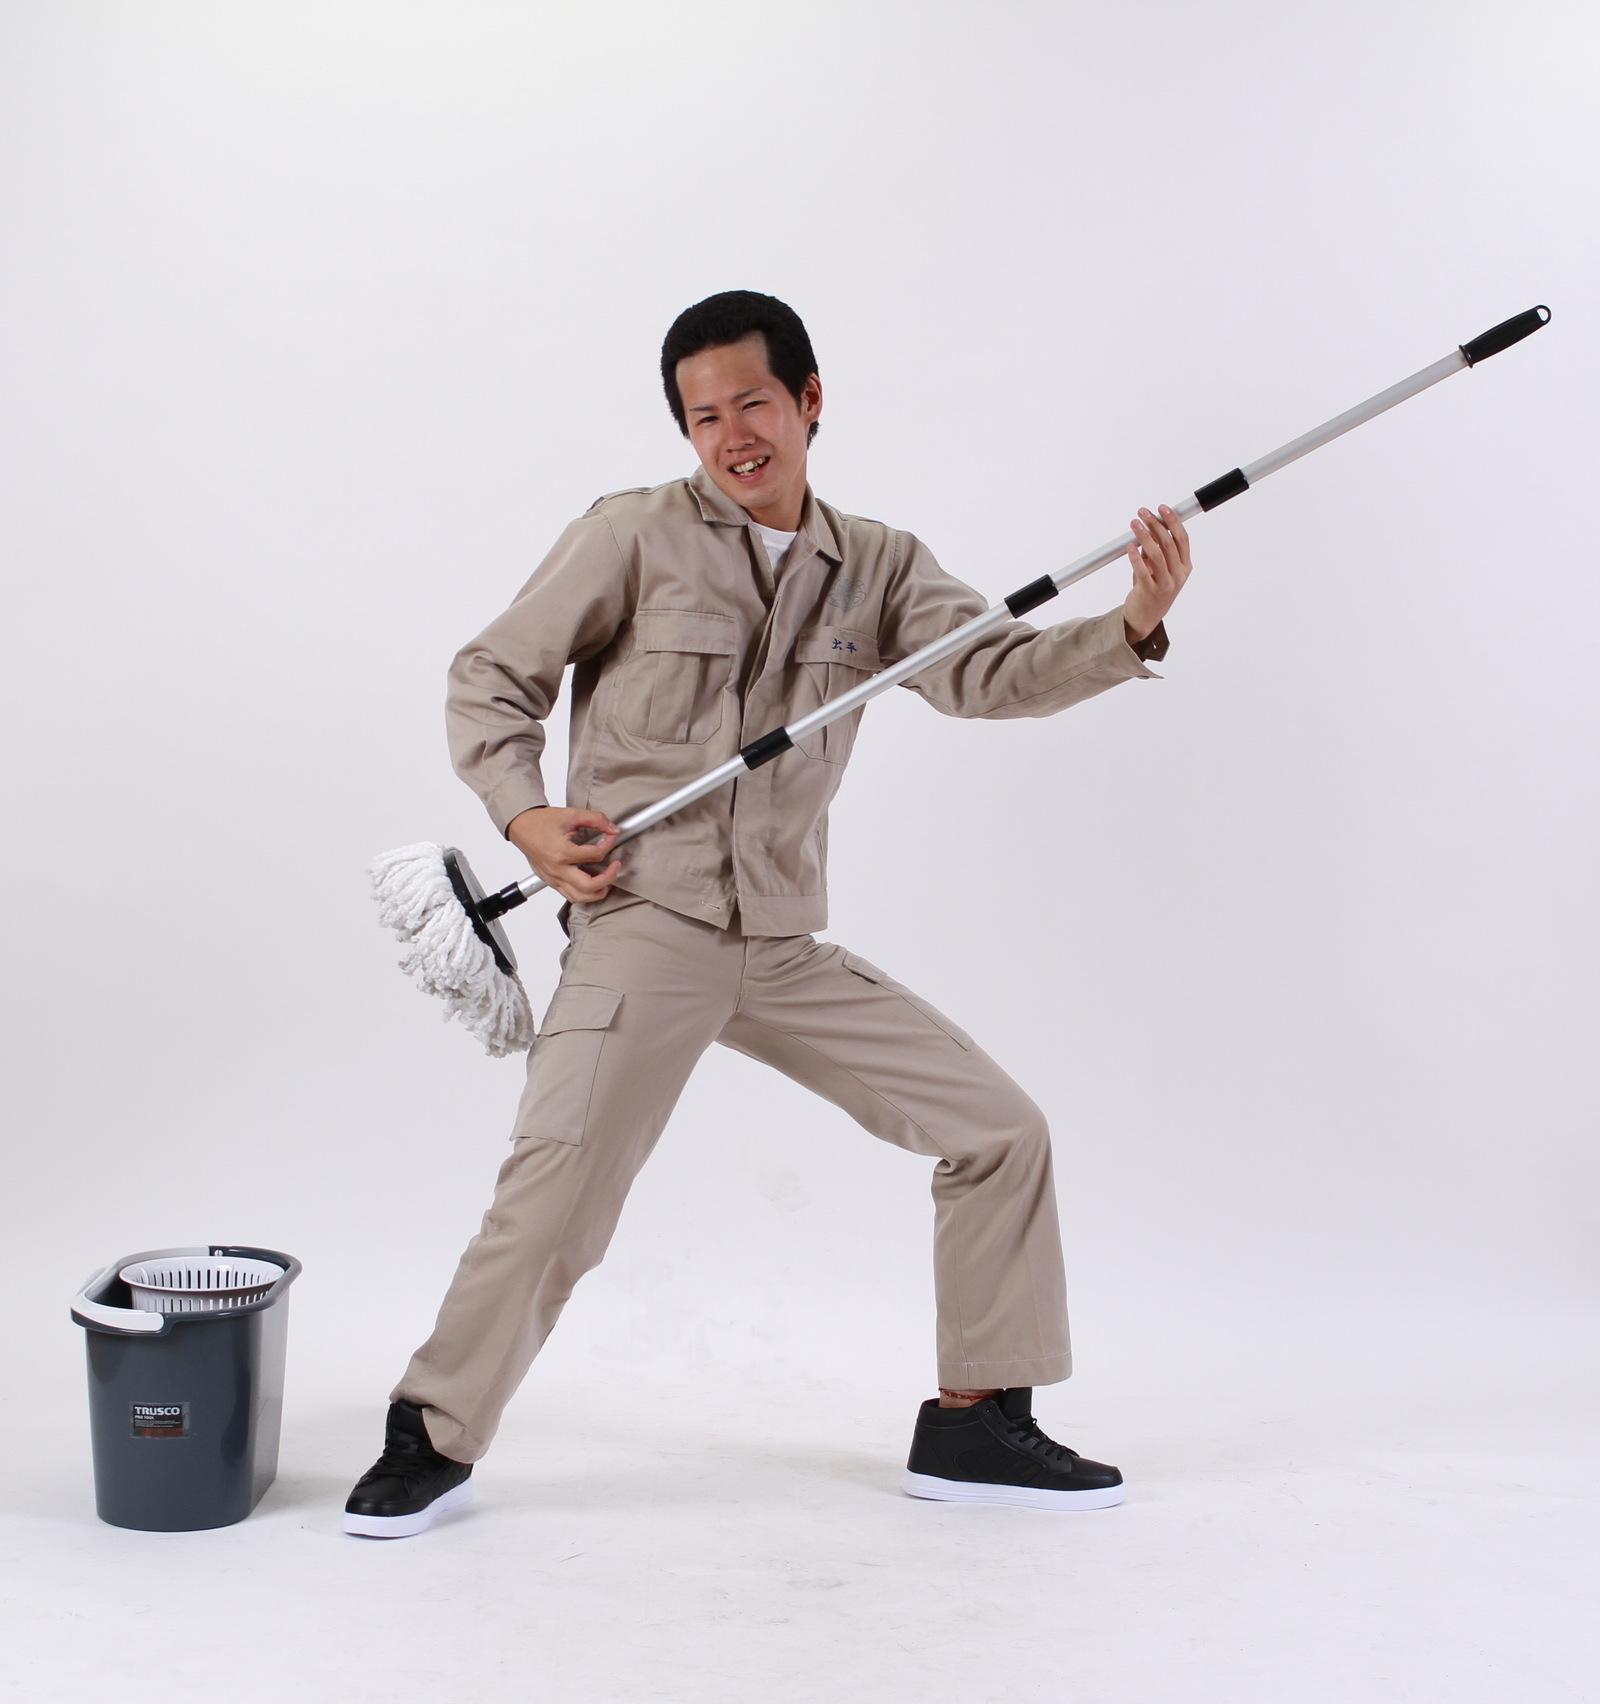 掃除中にふざけても誰も止めてくれない状態に。,シニア,写真,画像,素材,老人,高齢者,フリー